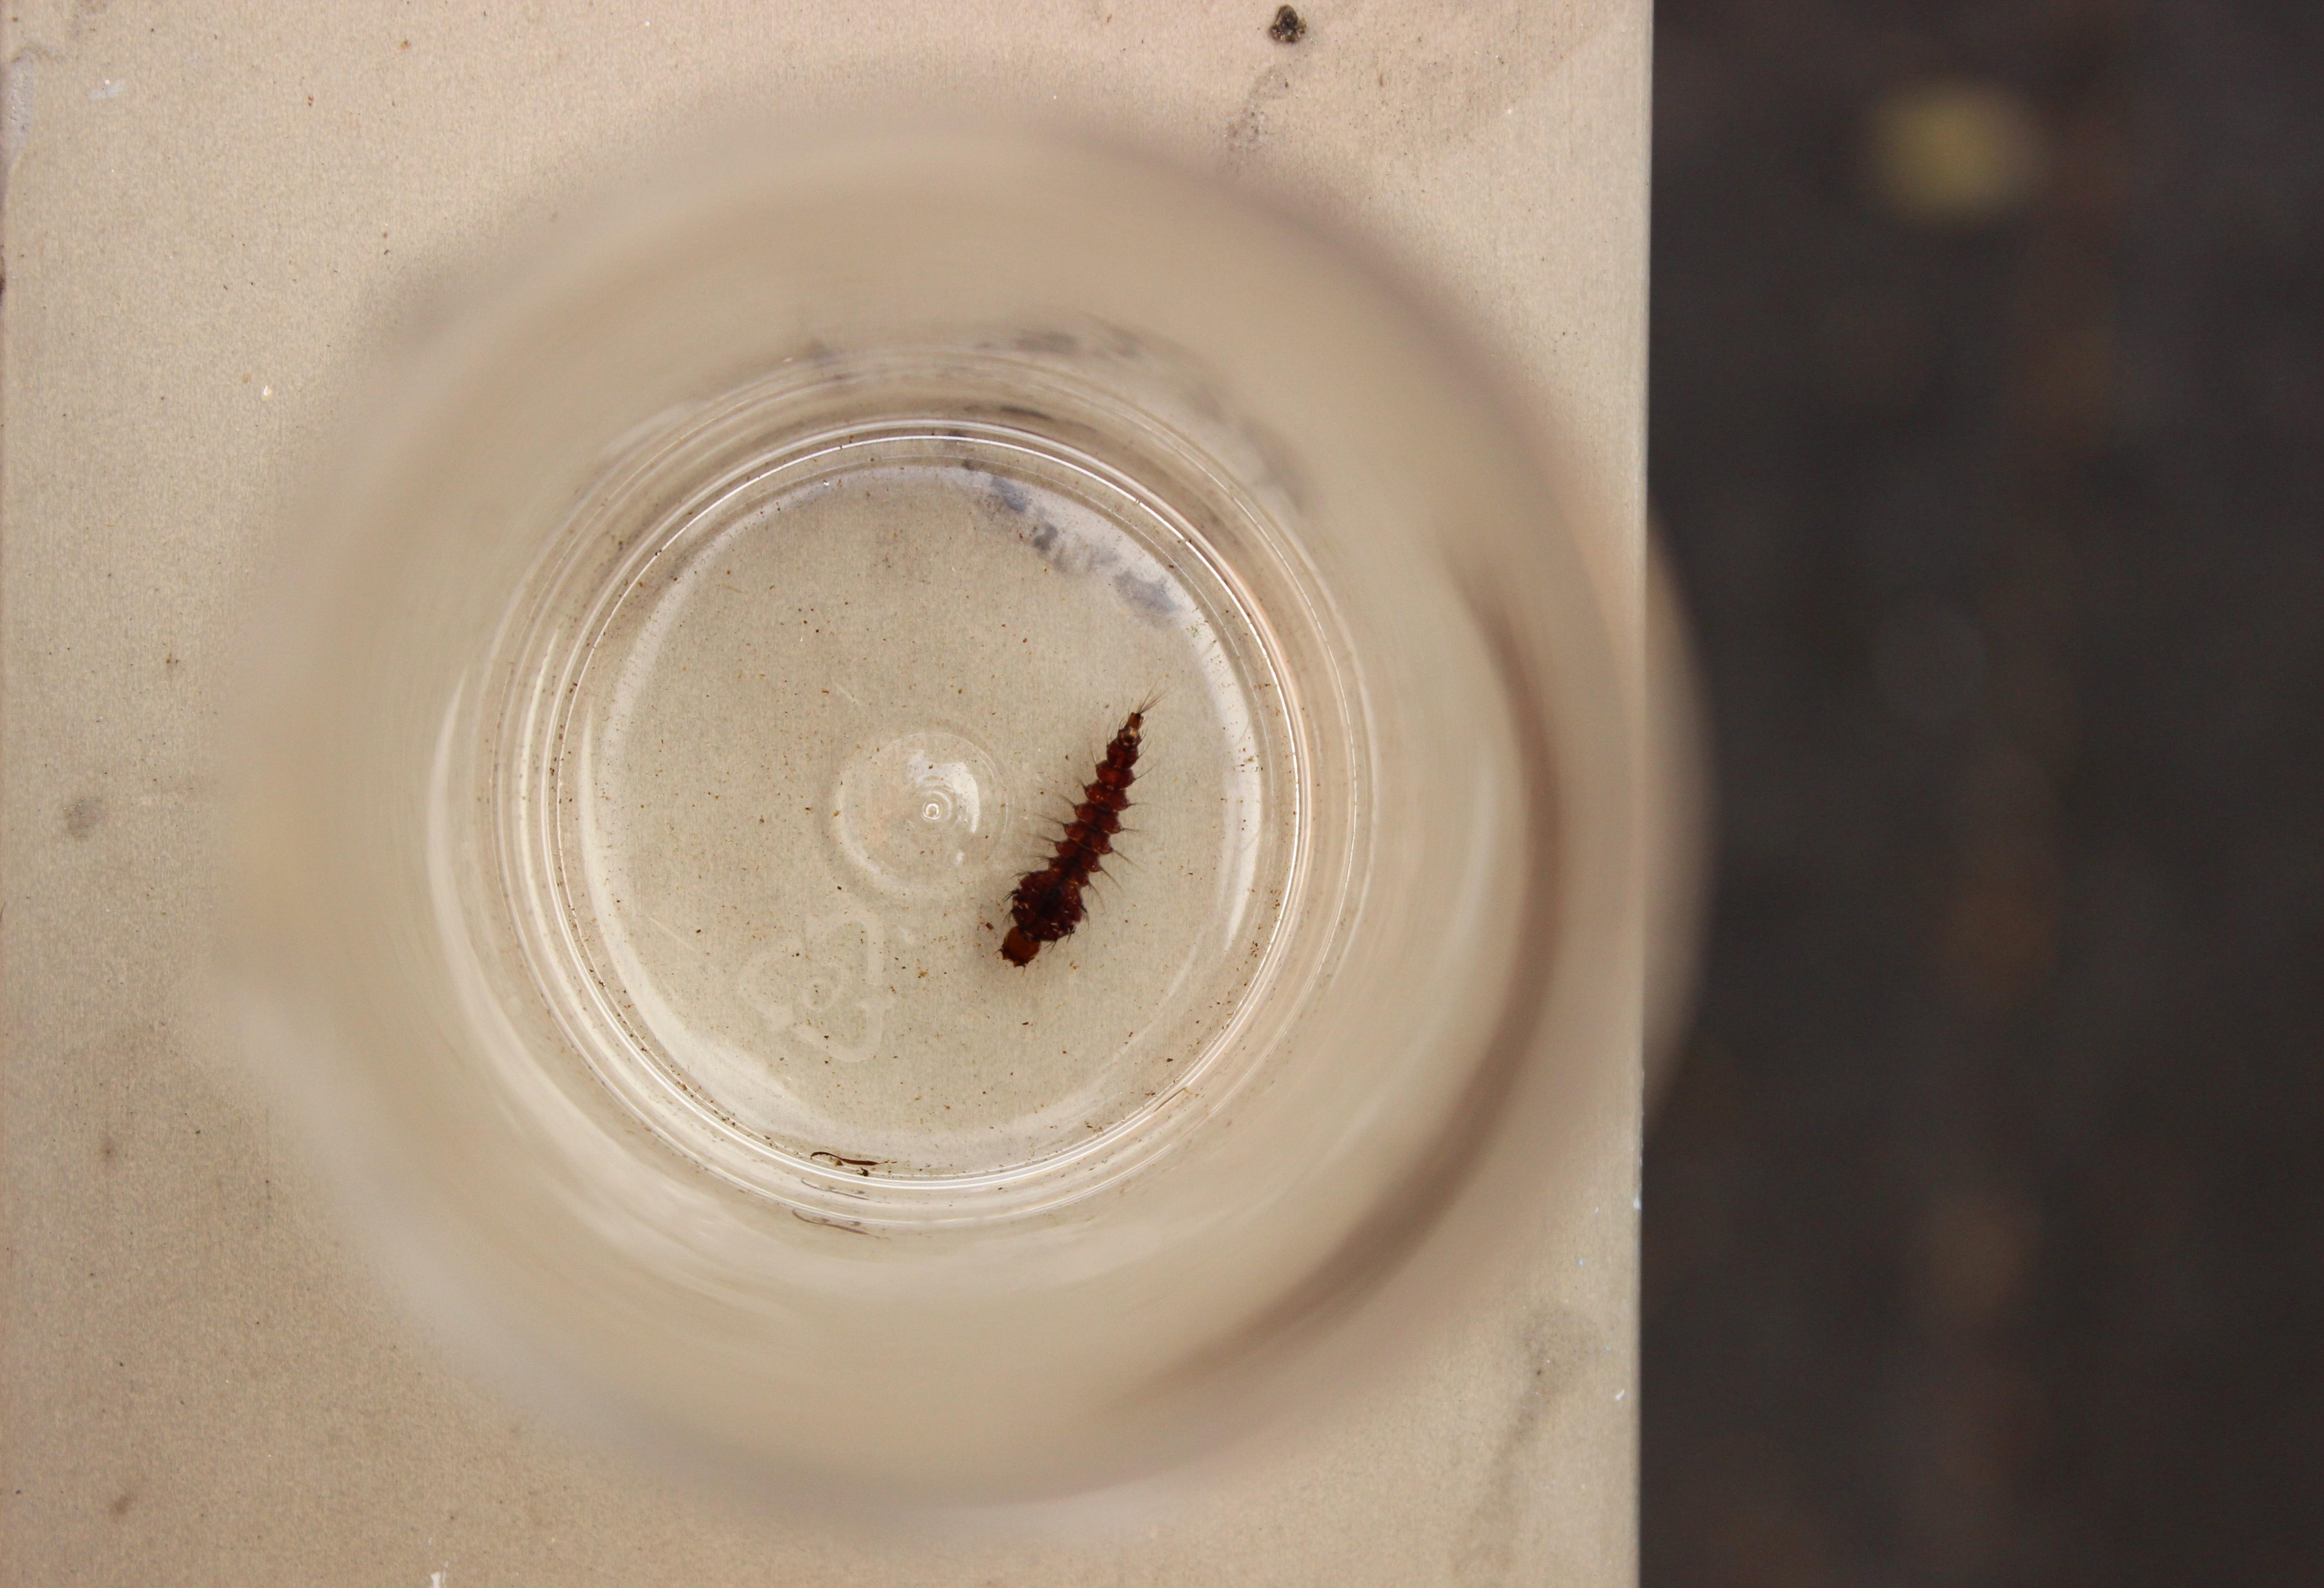 Toxo_larvae